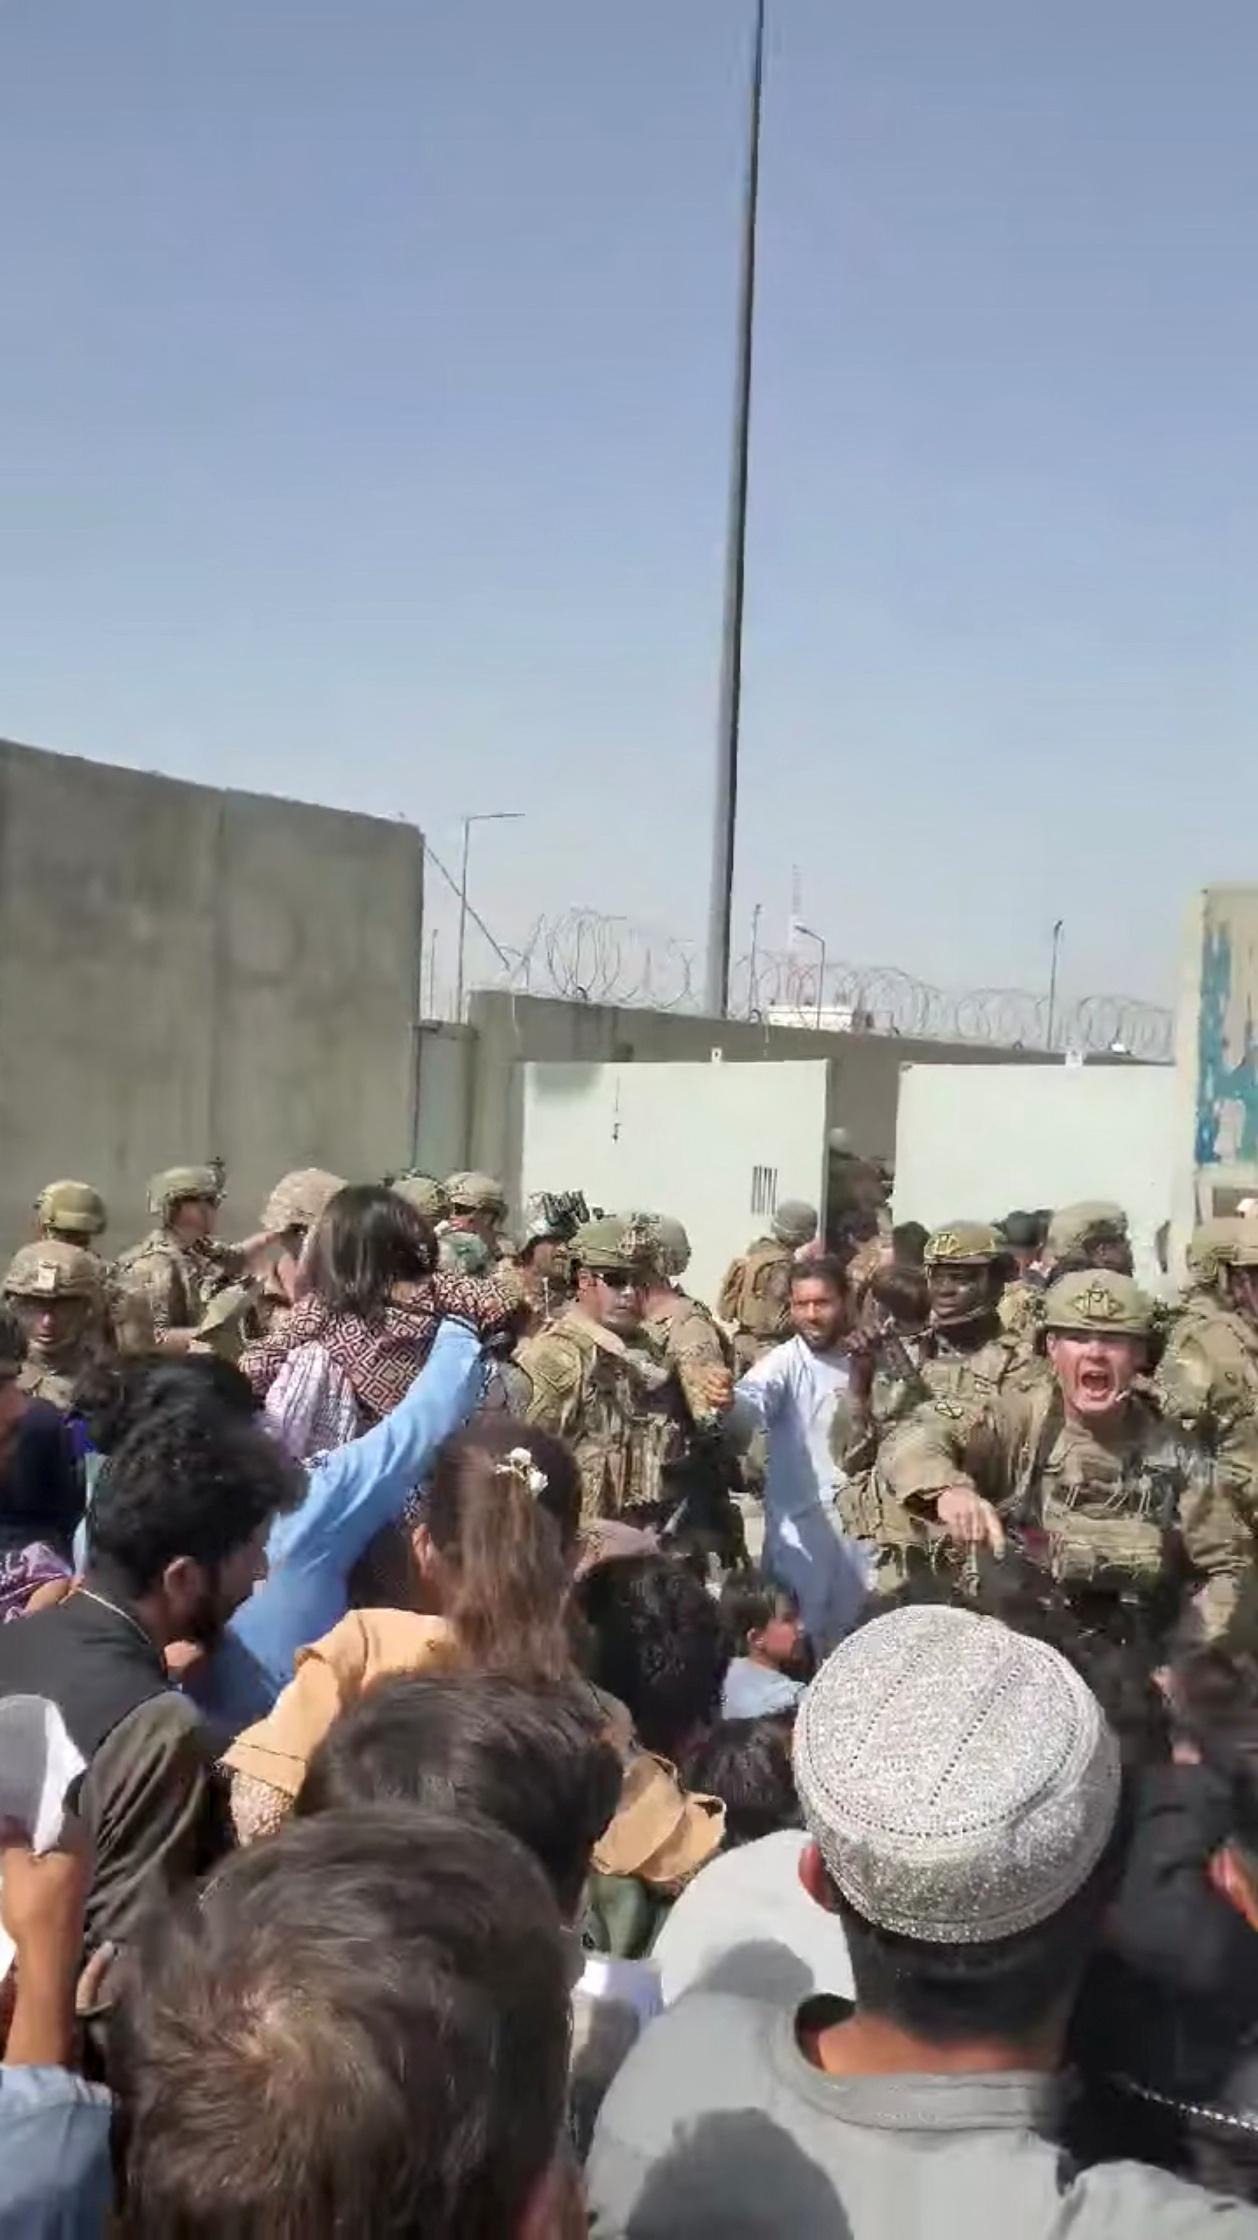 Αφγανιστάν – SOS από ΠΟΥ: Δεν παραδόθηκαν φάρμακα στο αεροδρόμιο της Καμπούλ